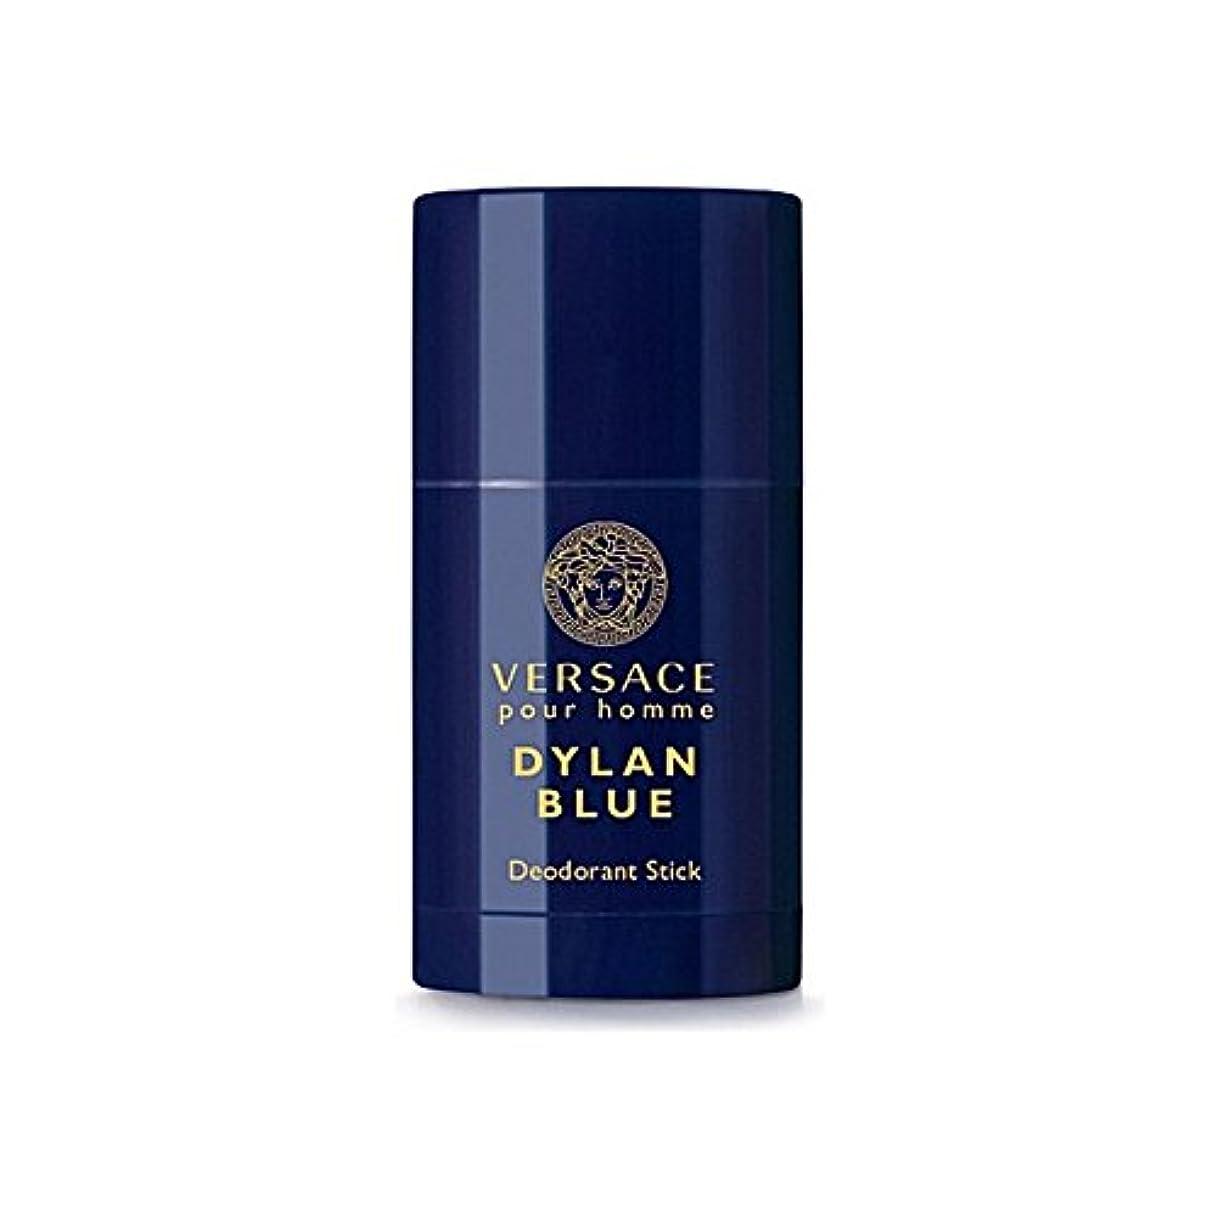 から聞く所有権植物のVersace Dylan Blue Deodorant Stick 75ml - ヴェルサーチディランブルーデオドラントスティック75ミリリットル [並行輸入品]